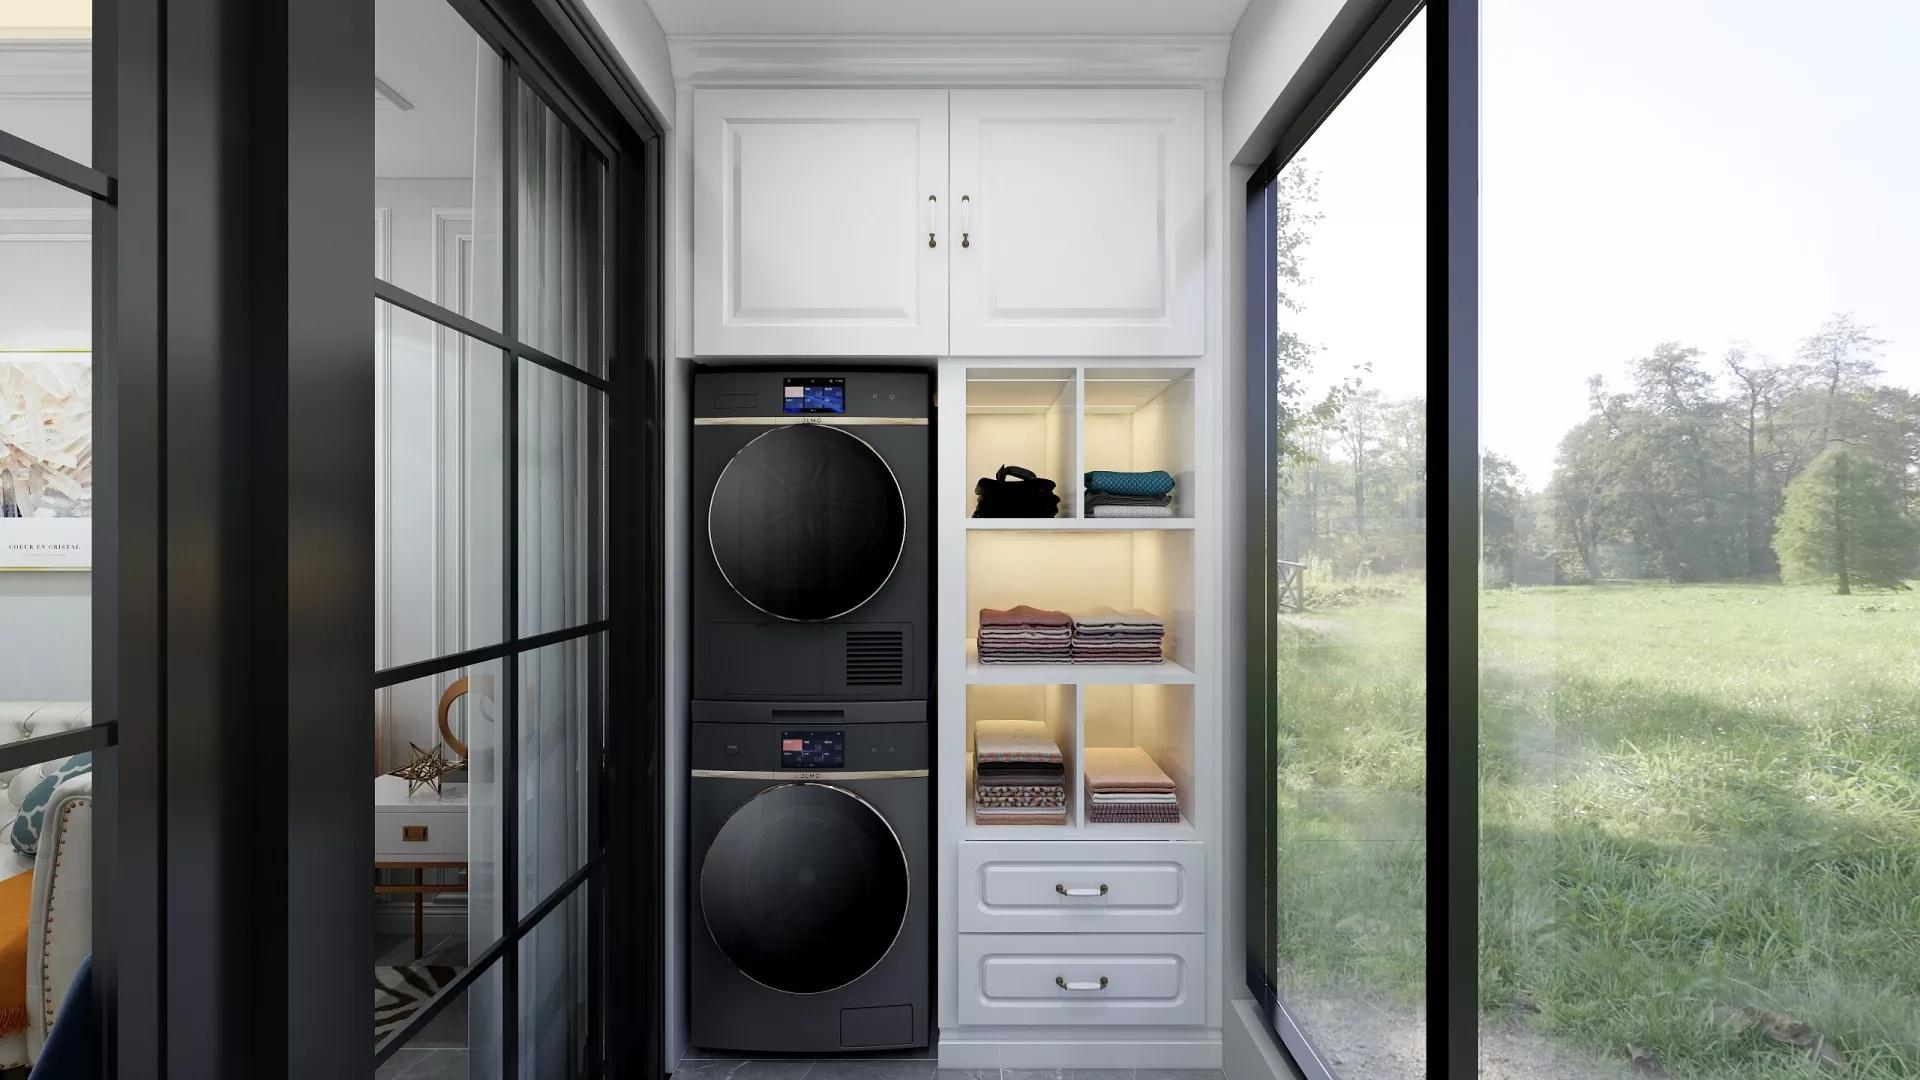 室內塑鋼門窗安裝標準是什么?室內塑鋼門窗安裝有哪些規范?